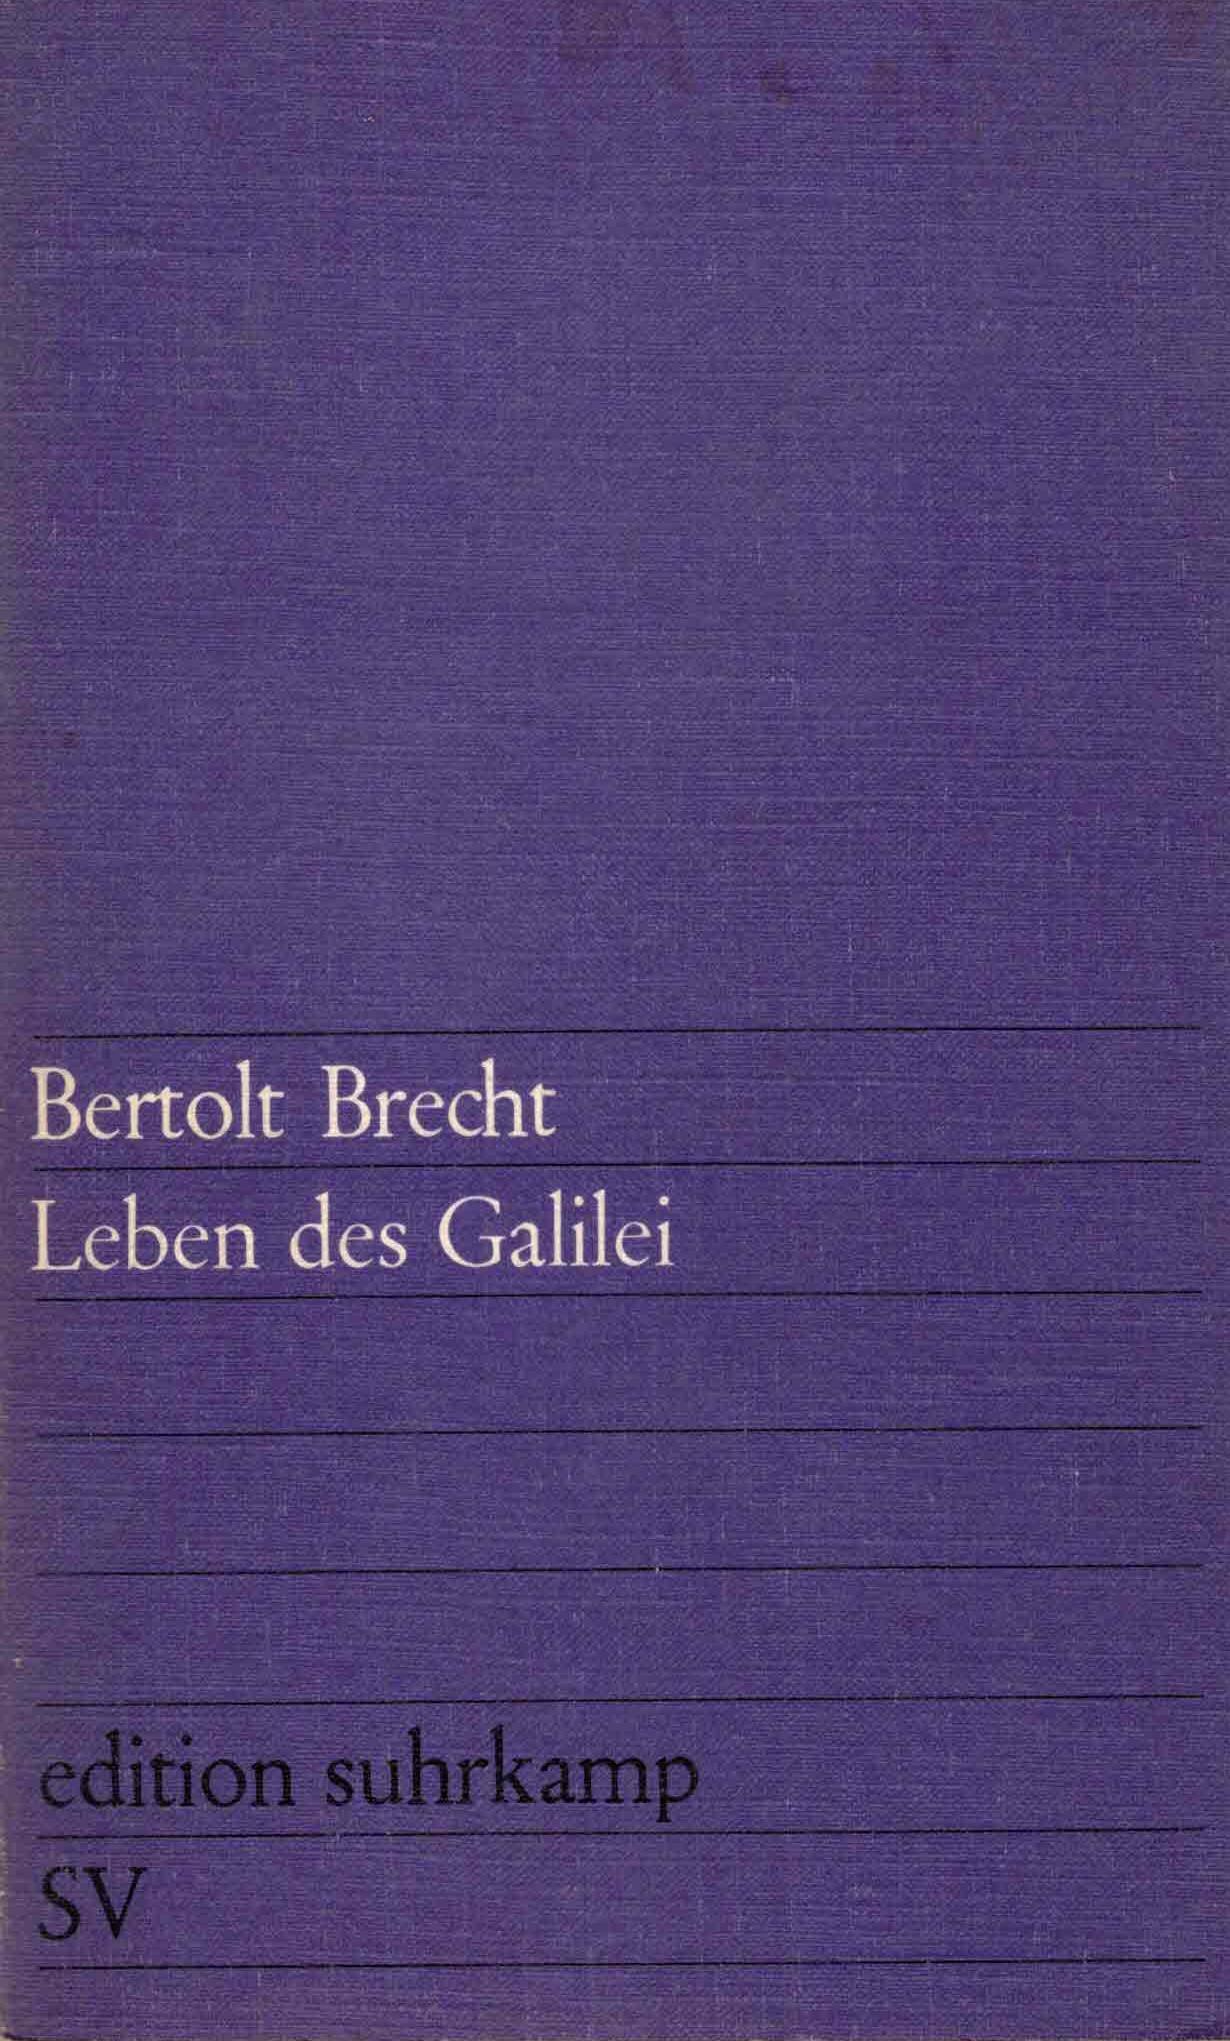 Brecht Leben des Galilei